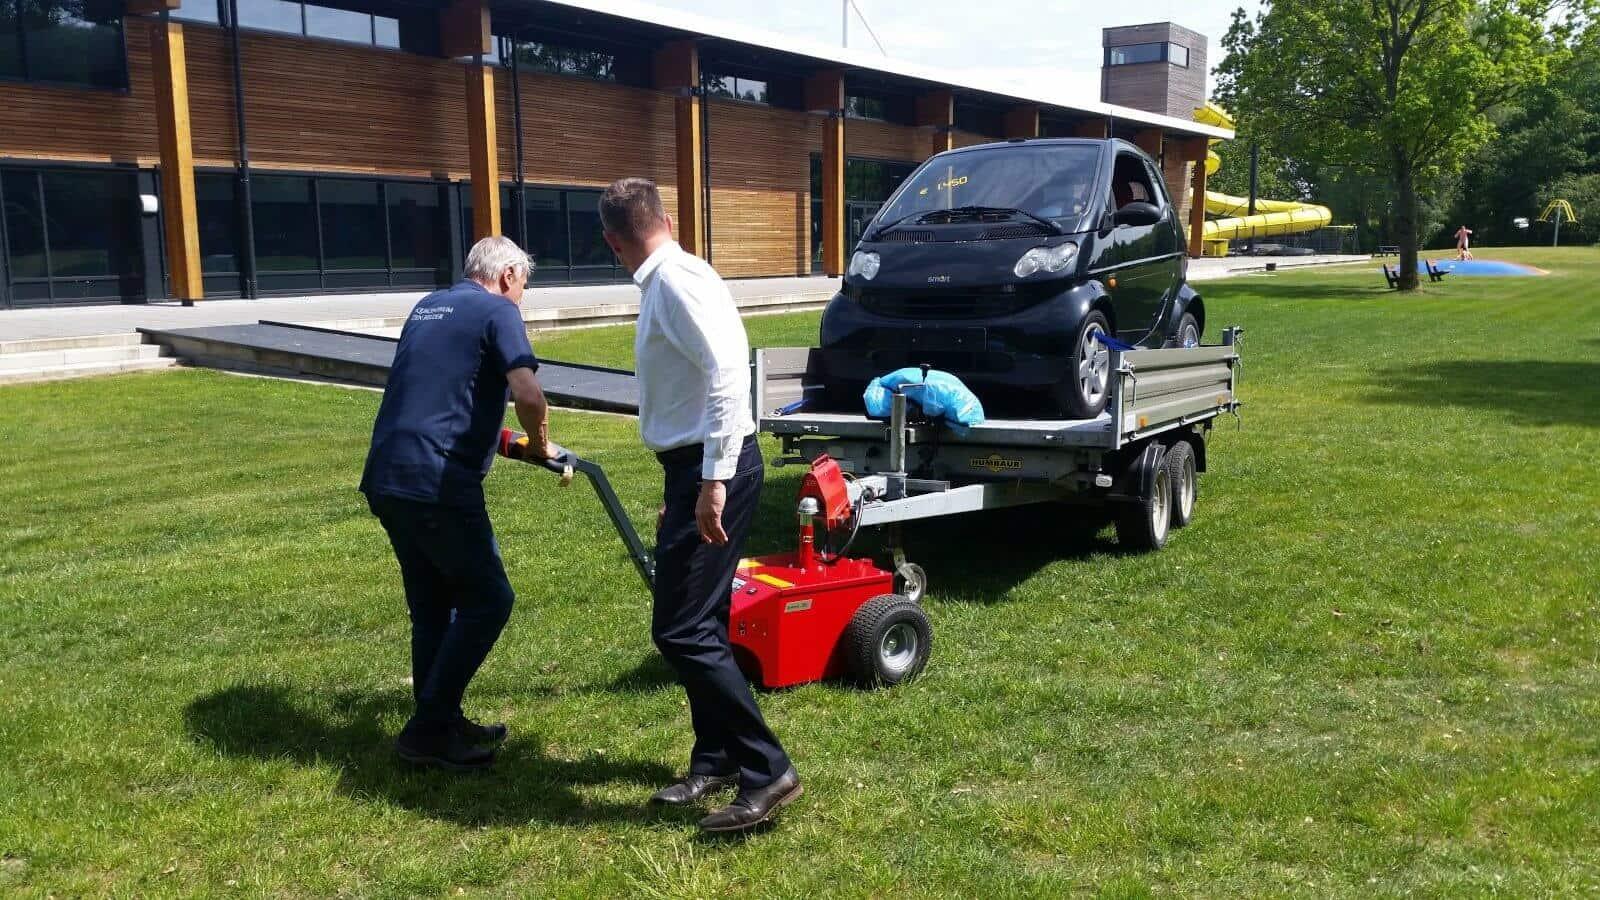 Xerowaste.ca | Remolque o remolcador V-Move XL en movimiento con un vehículo sobre una superficie de césped